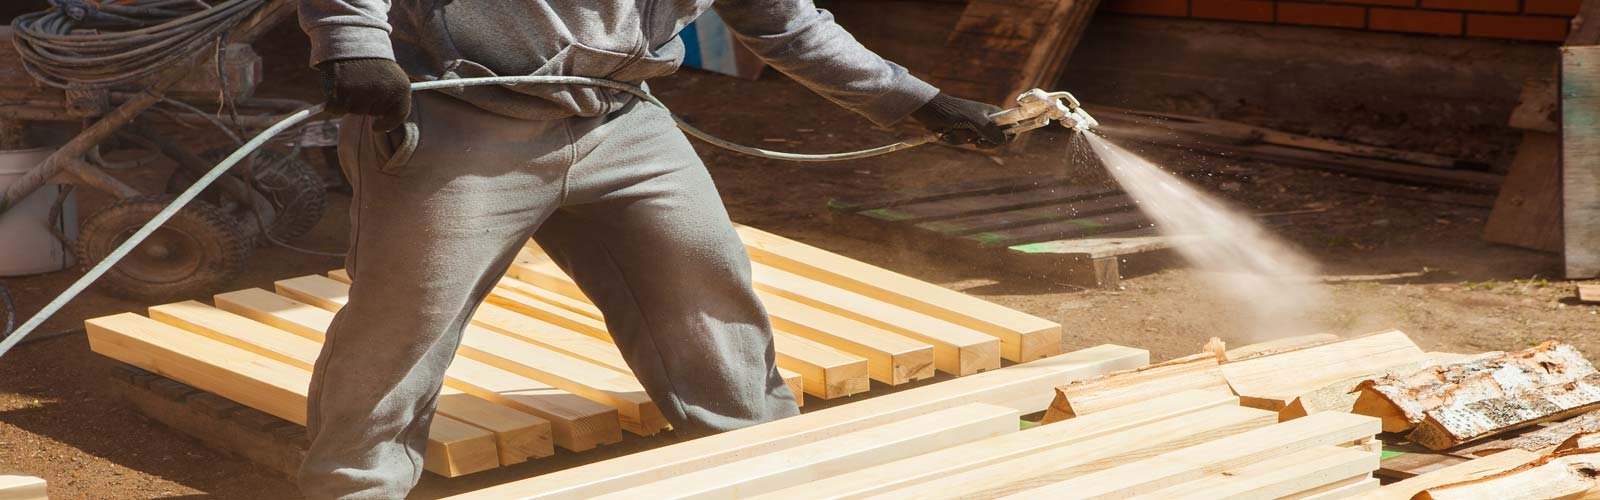 Покрытие огнезащитными составами деревянных деталей перед использованием